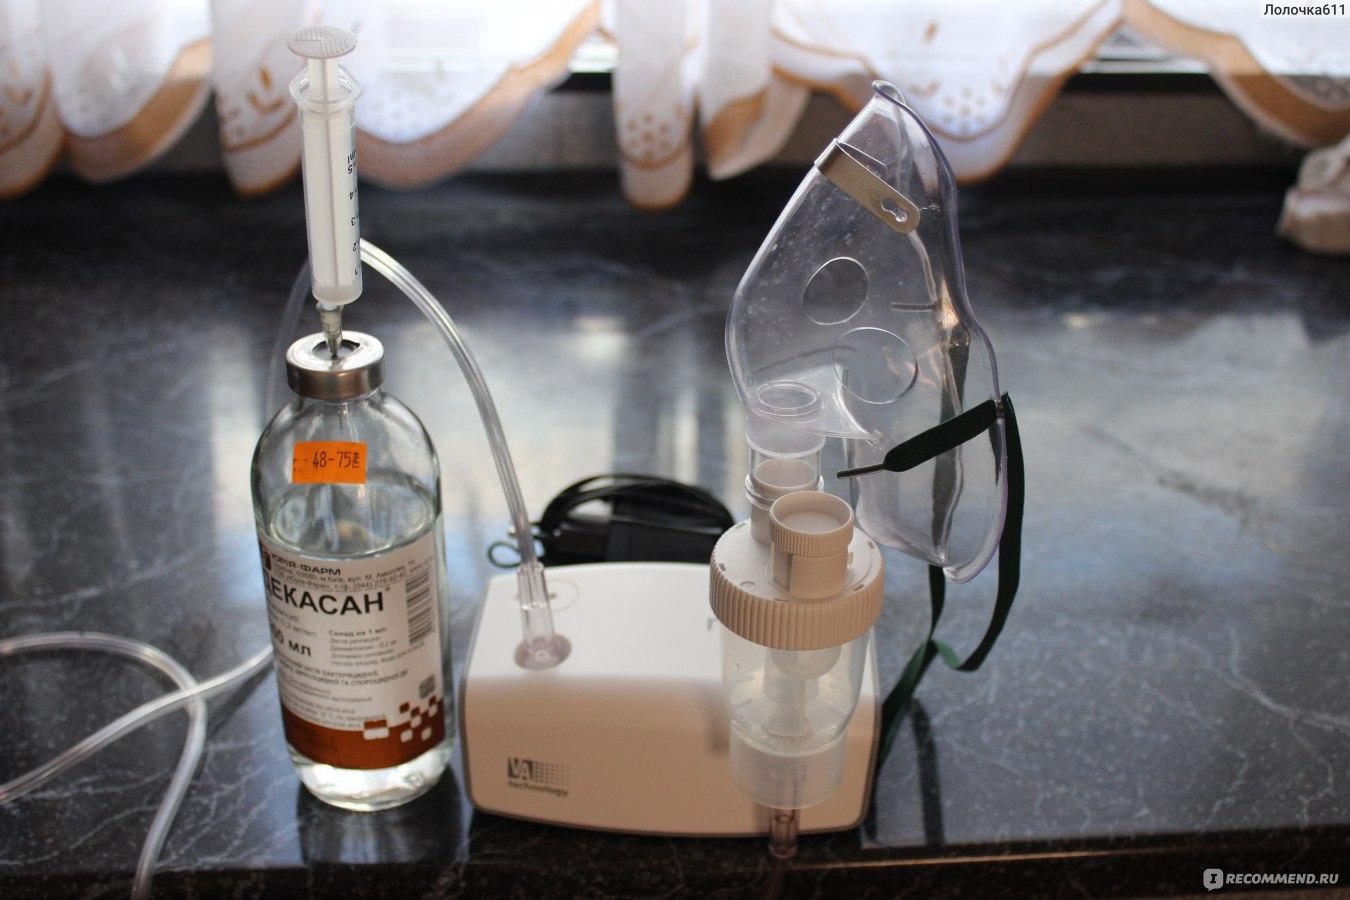 Как сделать солевой раствор для небулайзера ингаляции